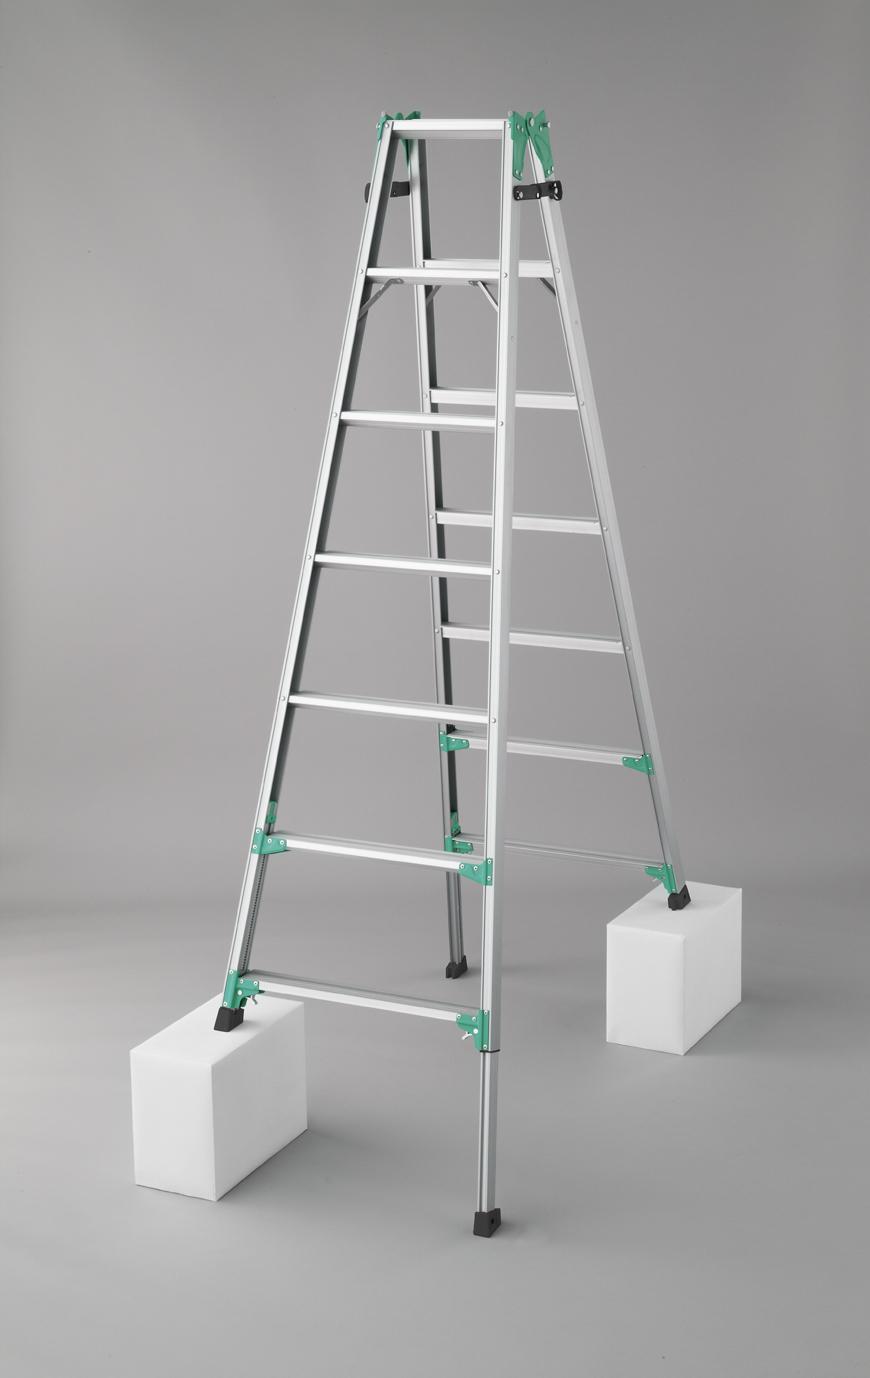 梯子 铝合金梯 铝梯 日本梯 伸缩梯 ryz-21 长谷川 hasegawa商品图片